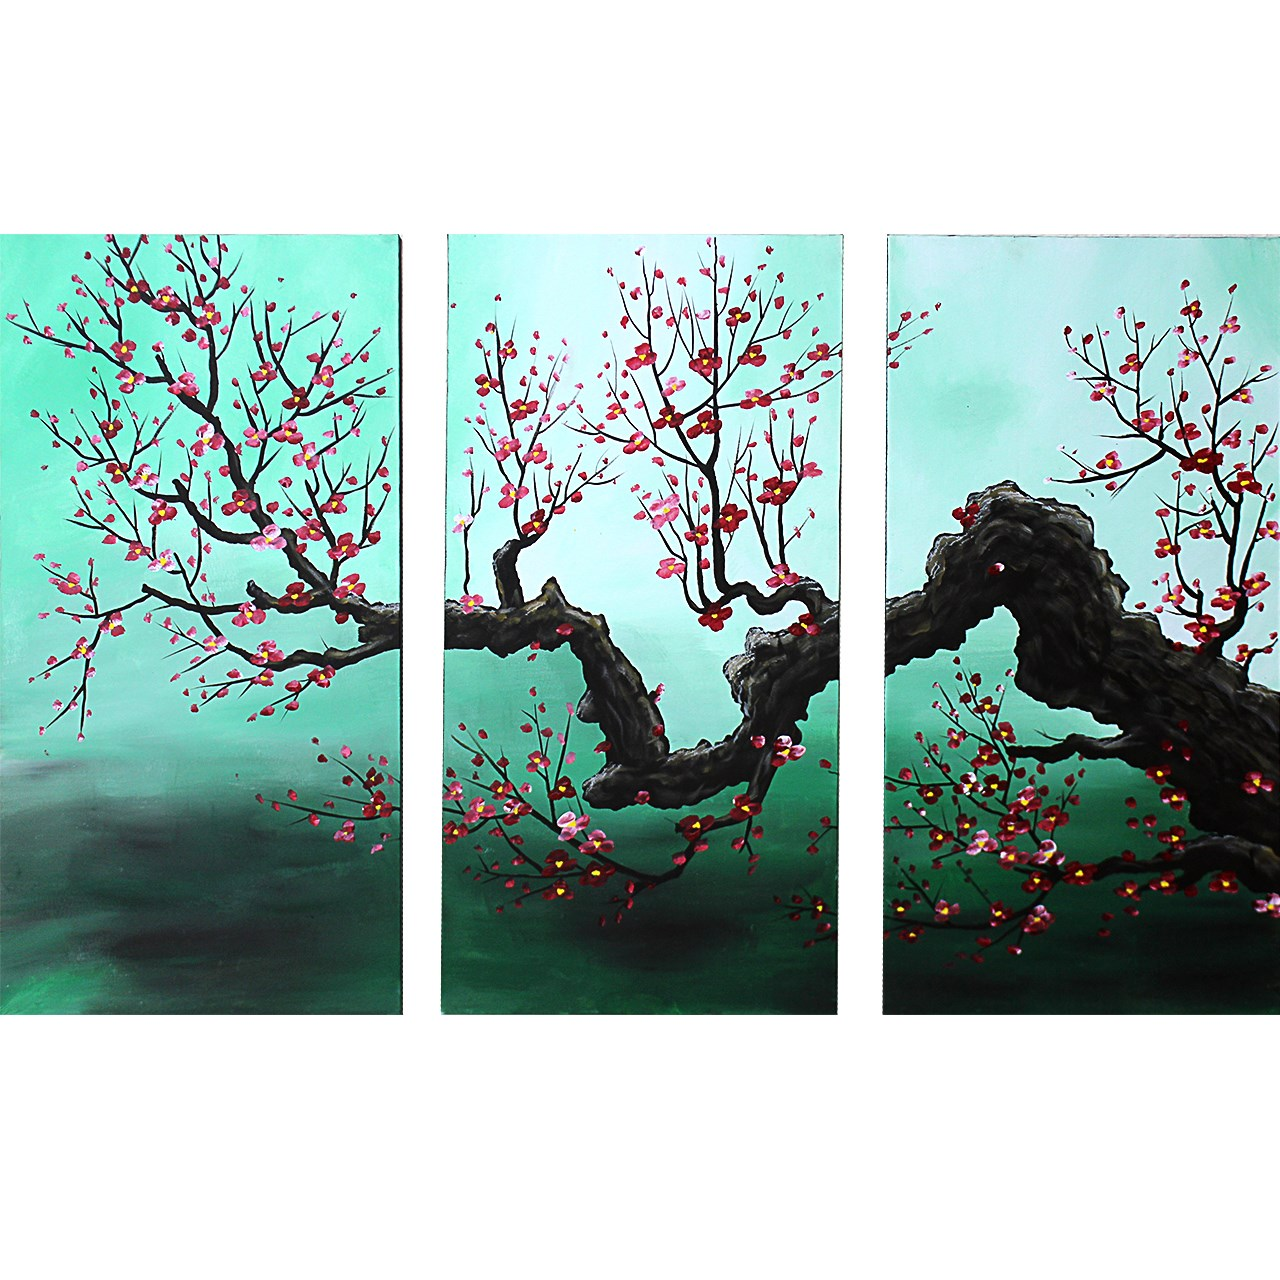 عکس تابلو نقاشی گالری دست نگار طرح سه تکه کد 106-07